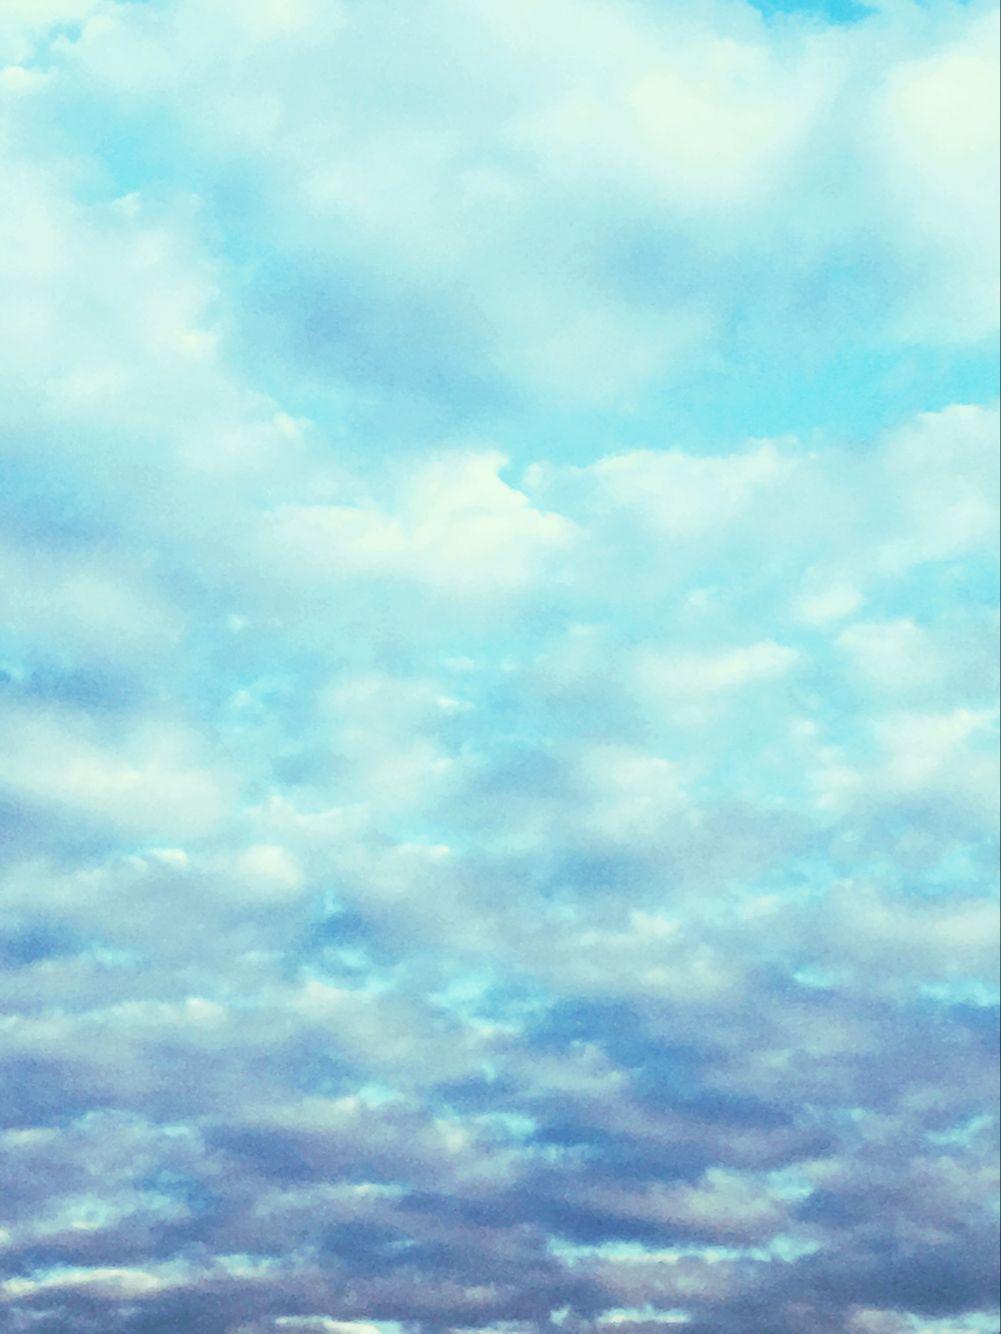 天空矢量图无字